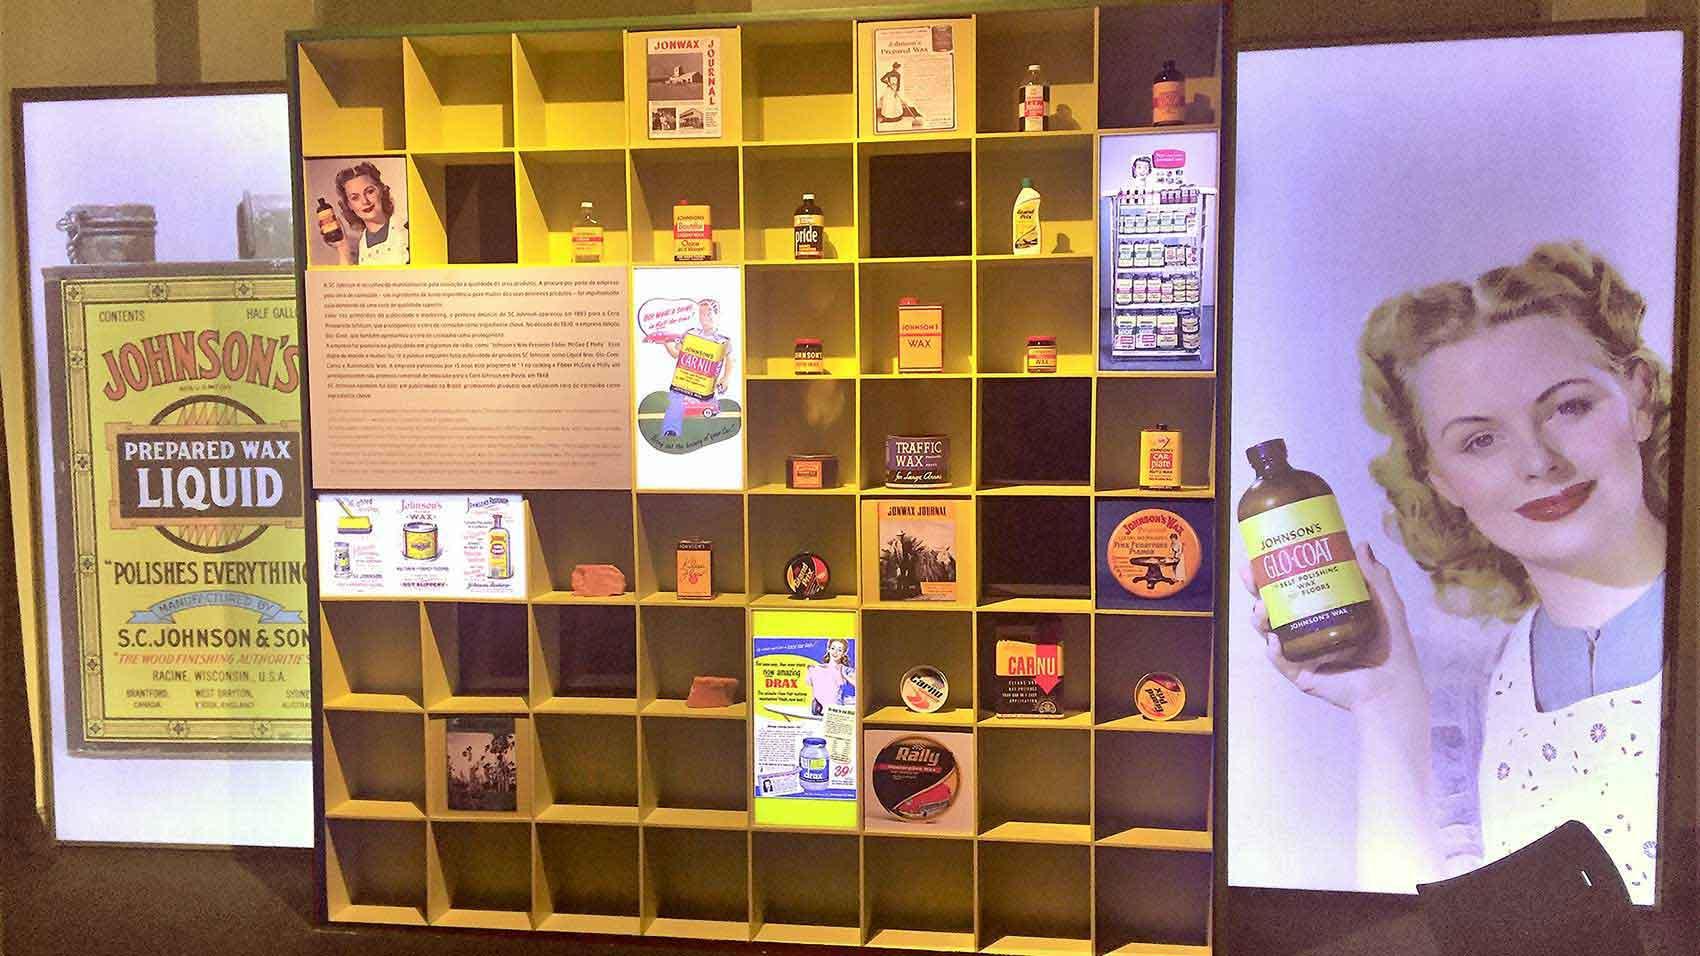 Expoziție care prezintă produsele Johnson Wax ce conțin Carnaúba Wax.